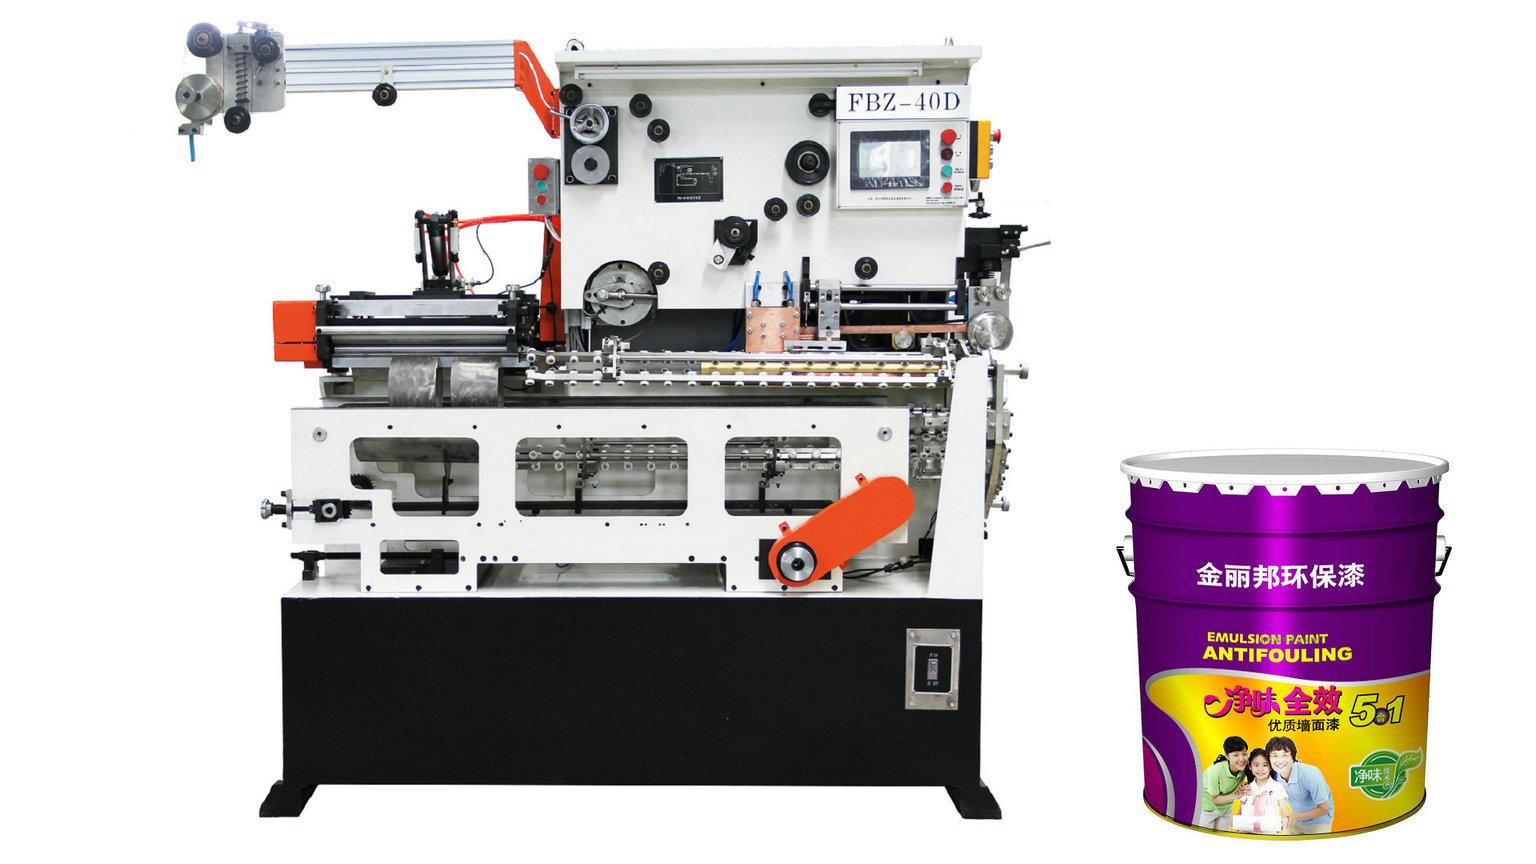 FBZ-40D automatic steel drum body seam welding machine